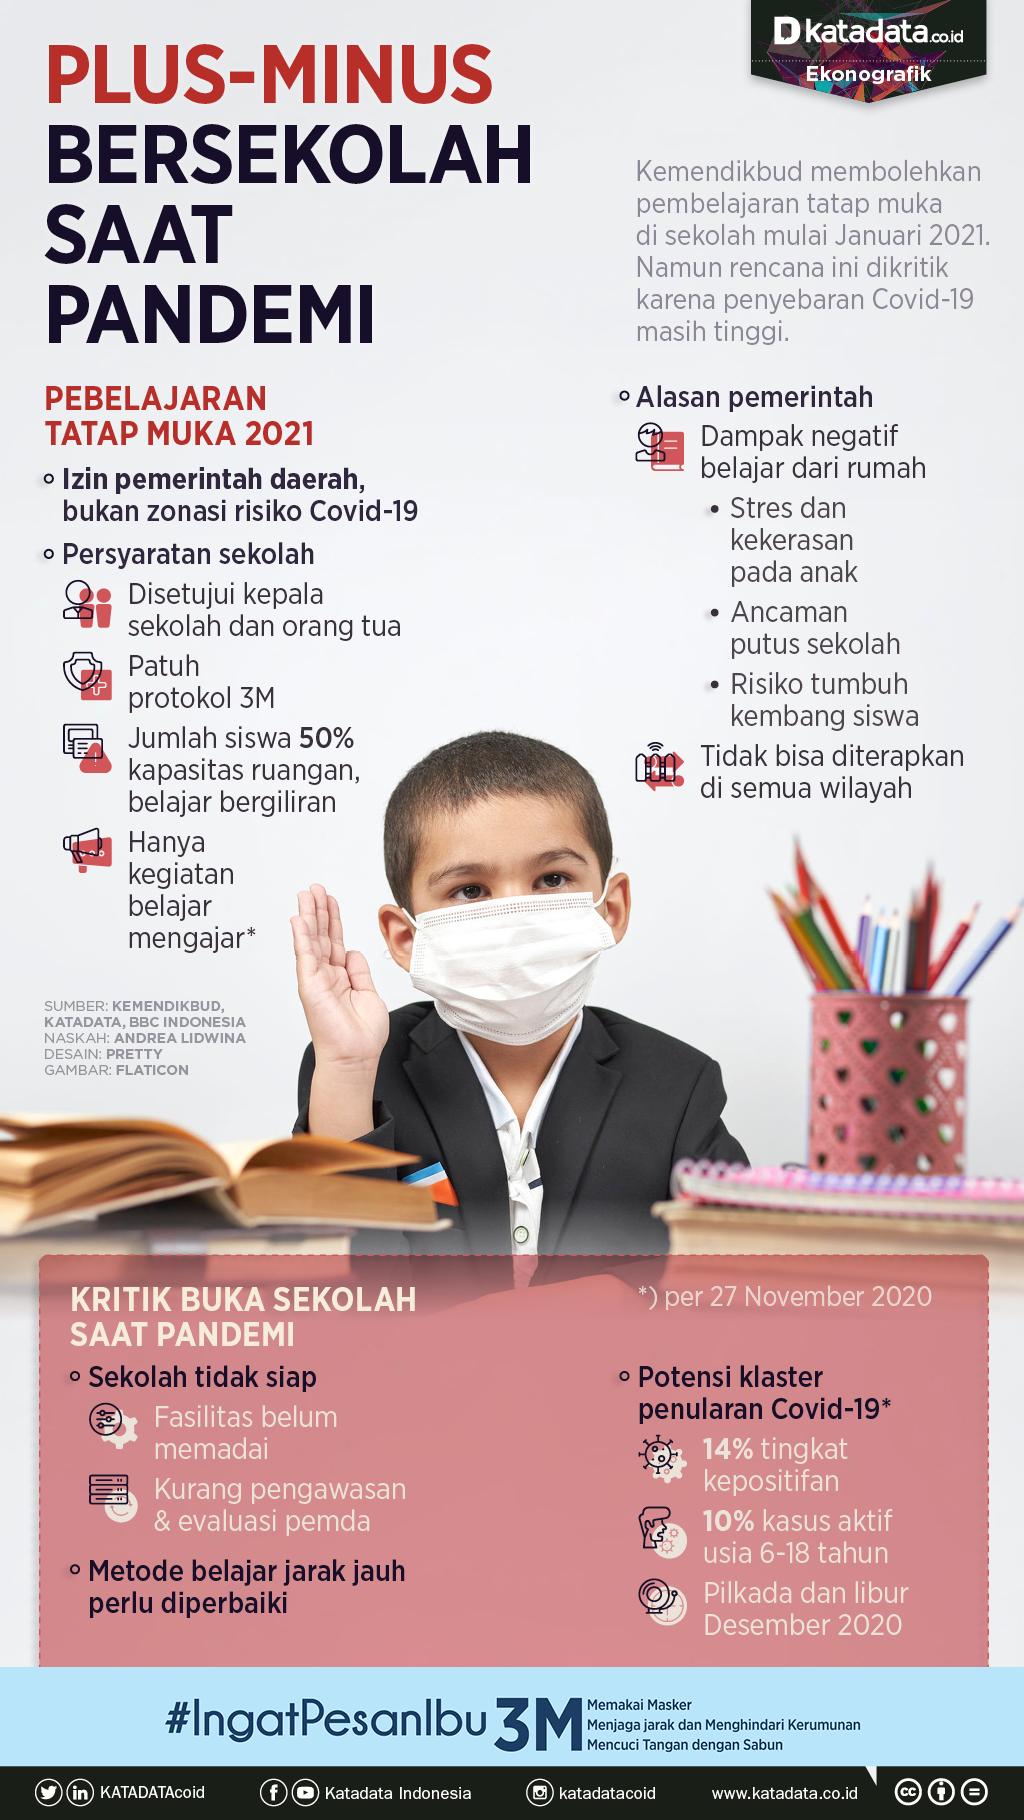 Infografik_Plus minus bersekolah saat pandemi